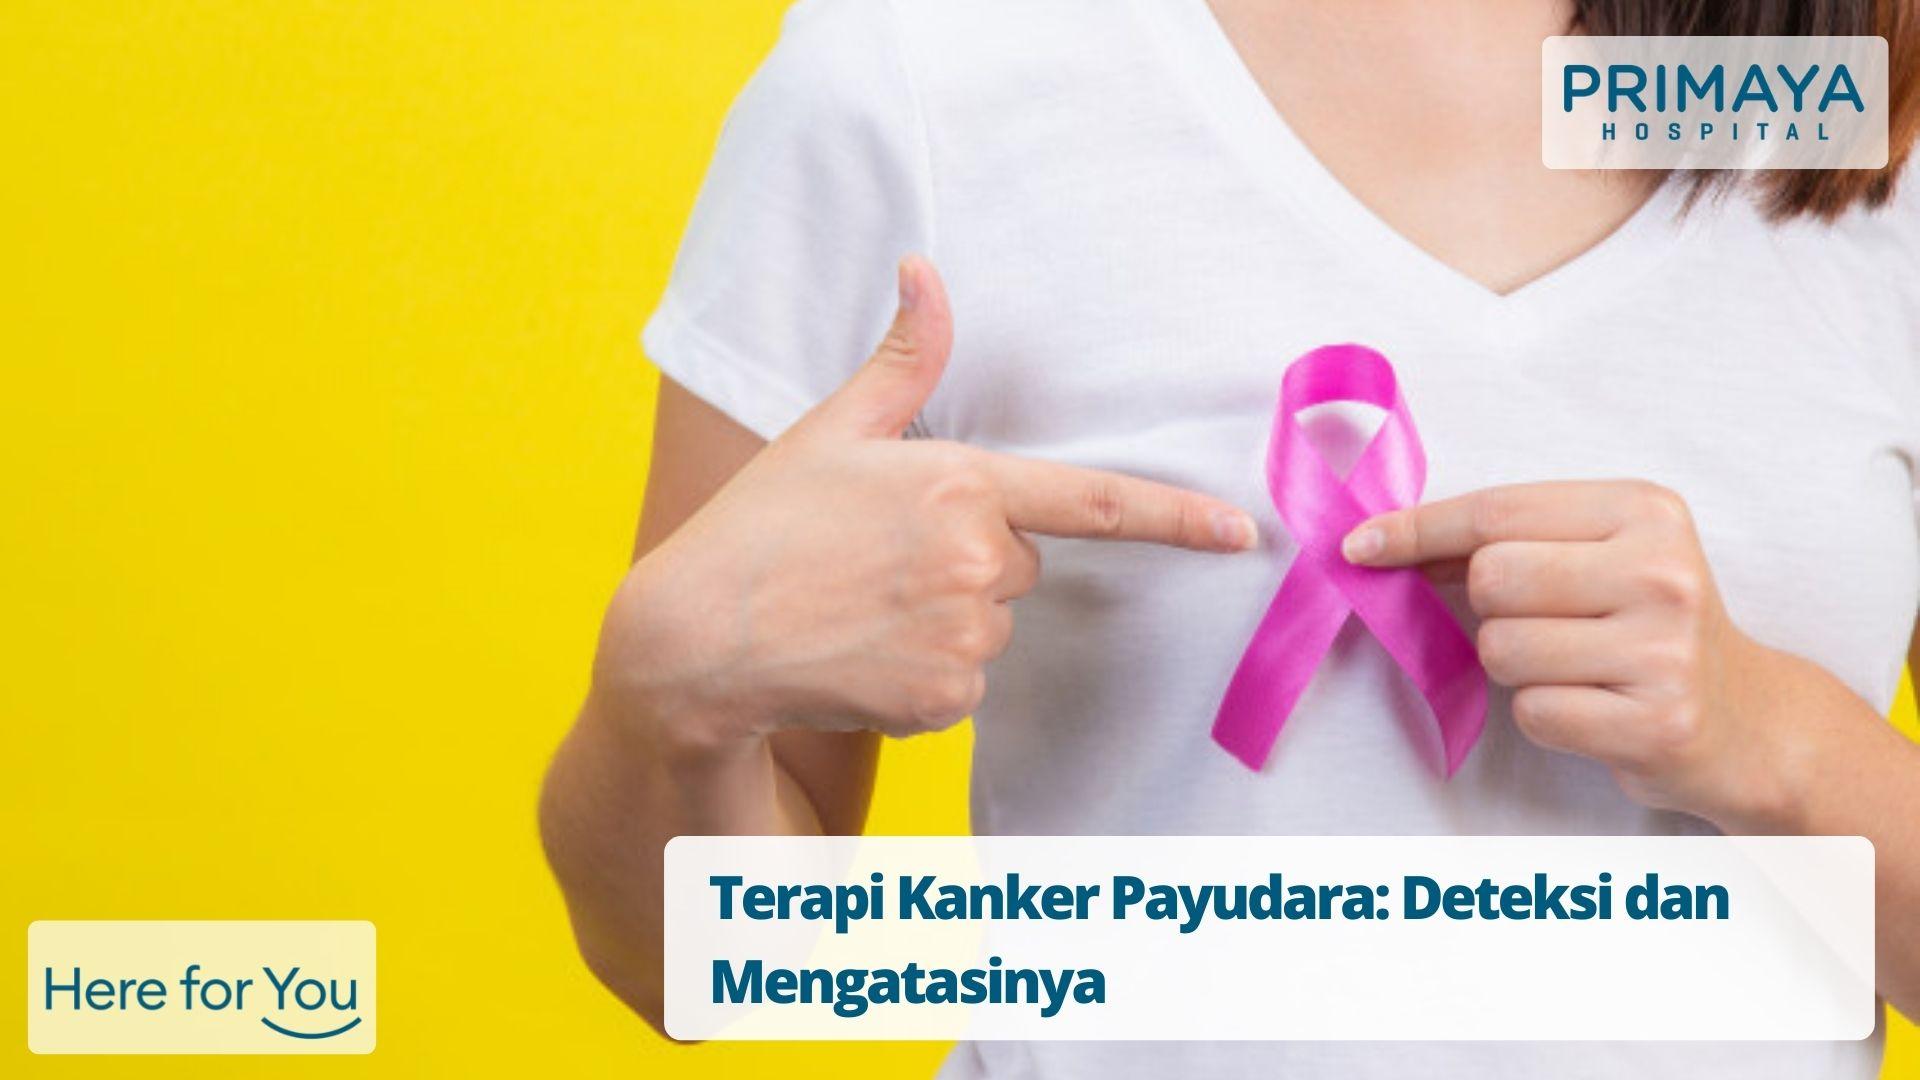 Terapi Kanker Payudara: Deteksi dan Mengatasinya